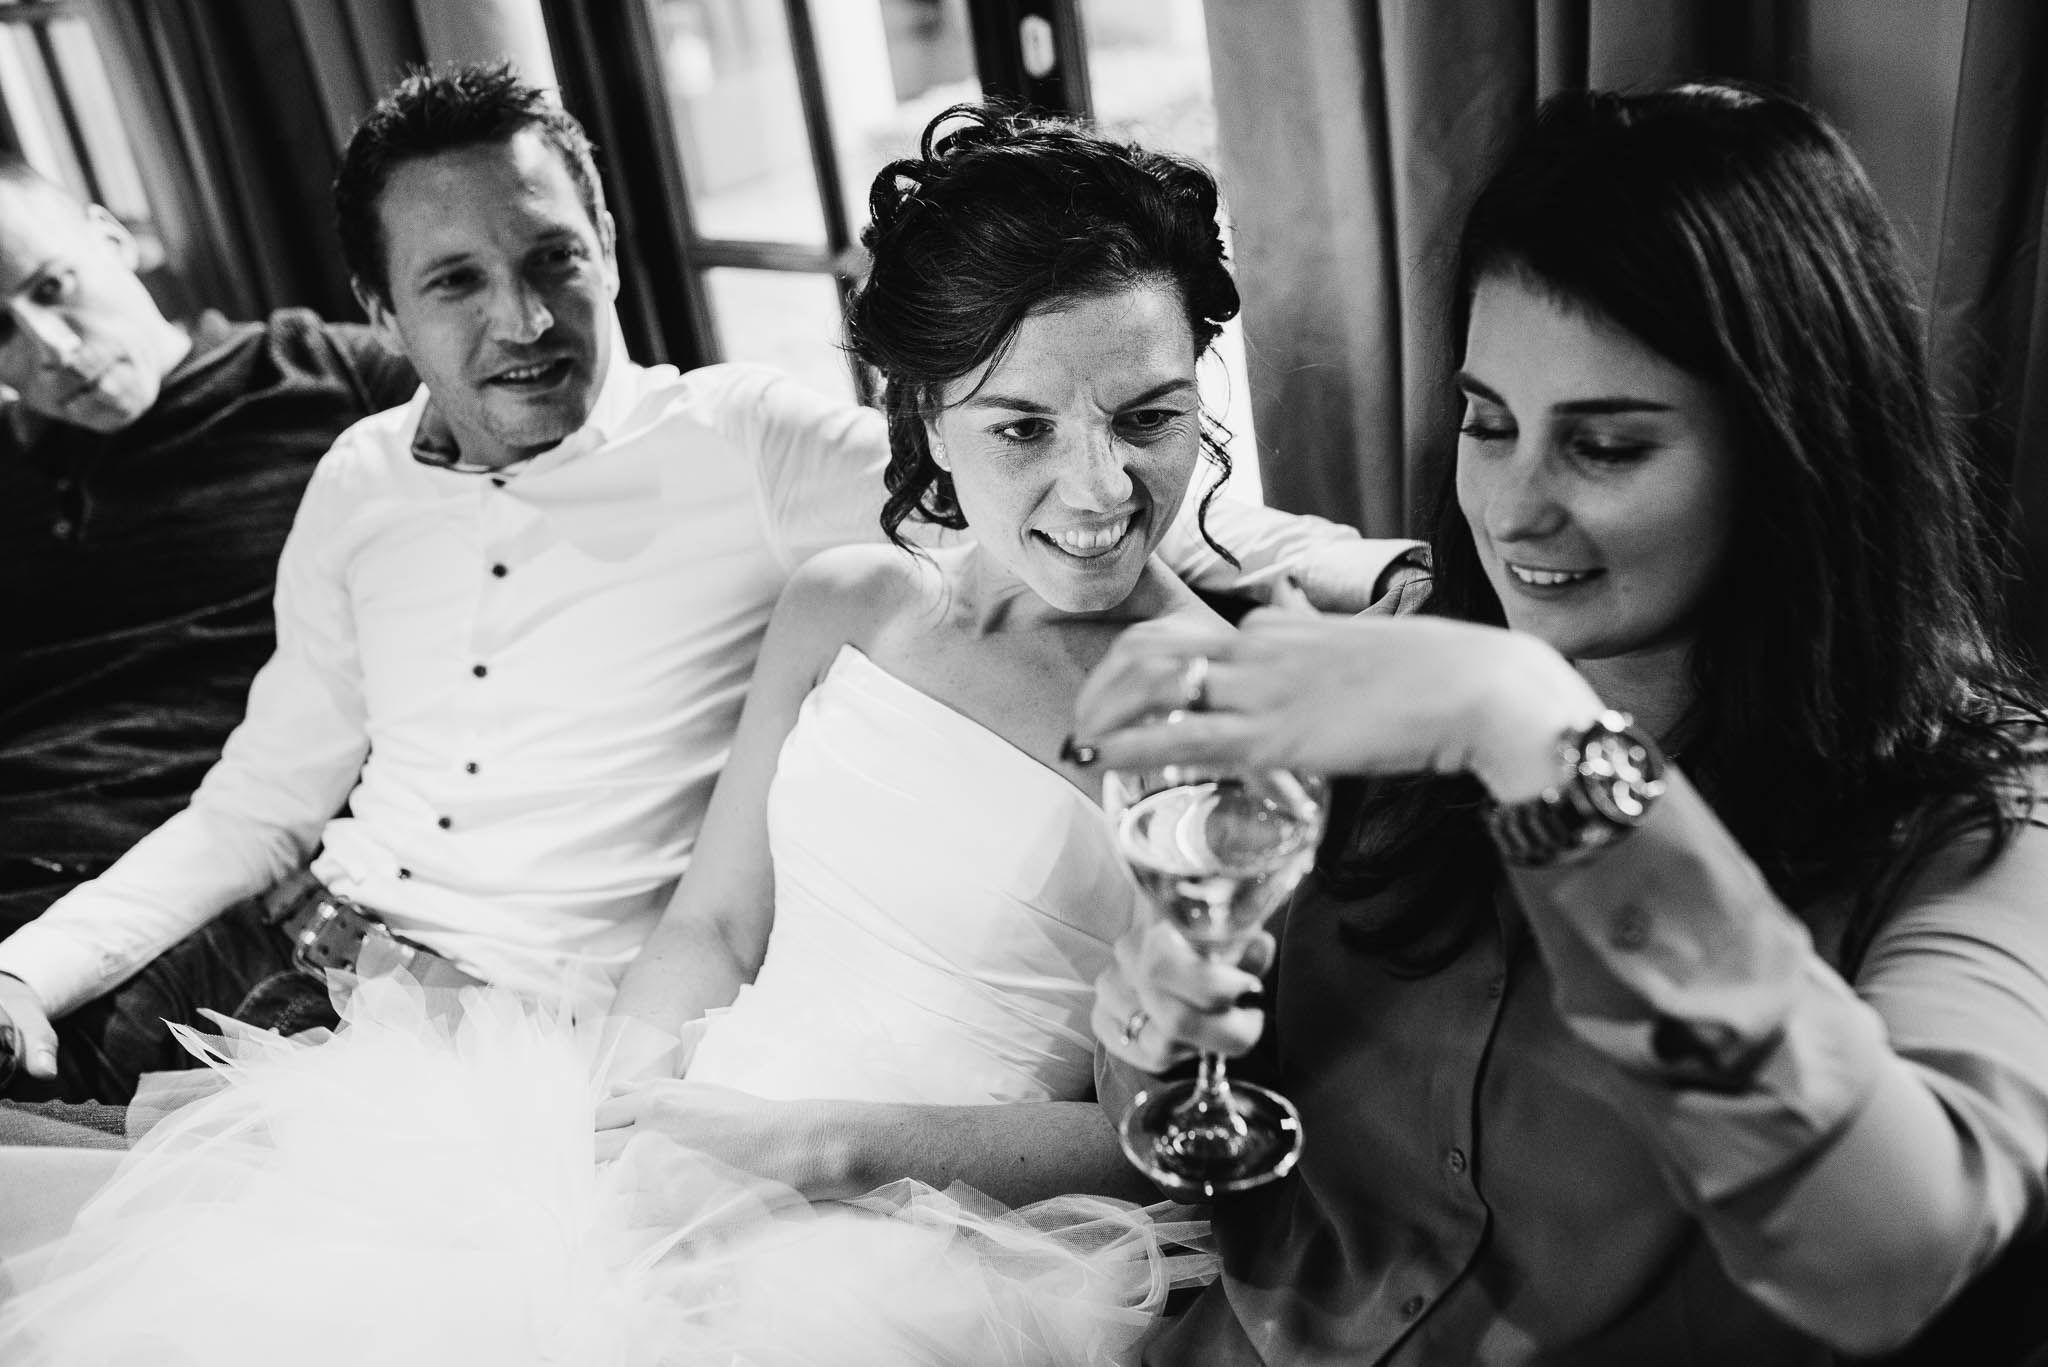 journalistieke bruidsfotograaf eindhoven niet geposeerd